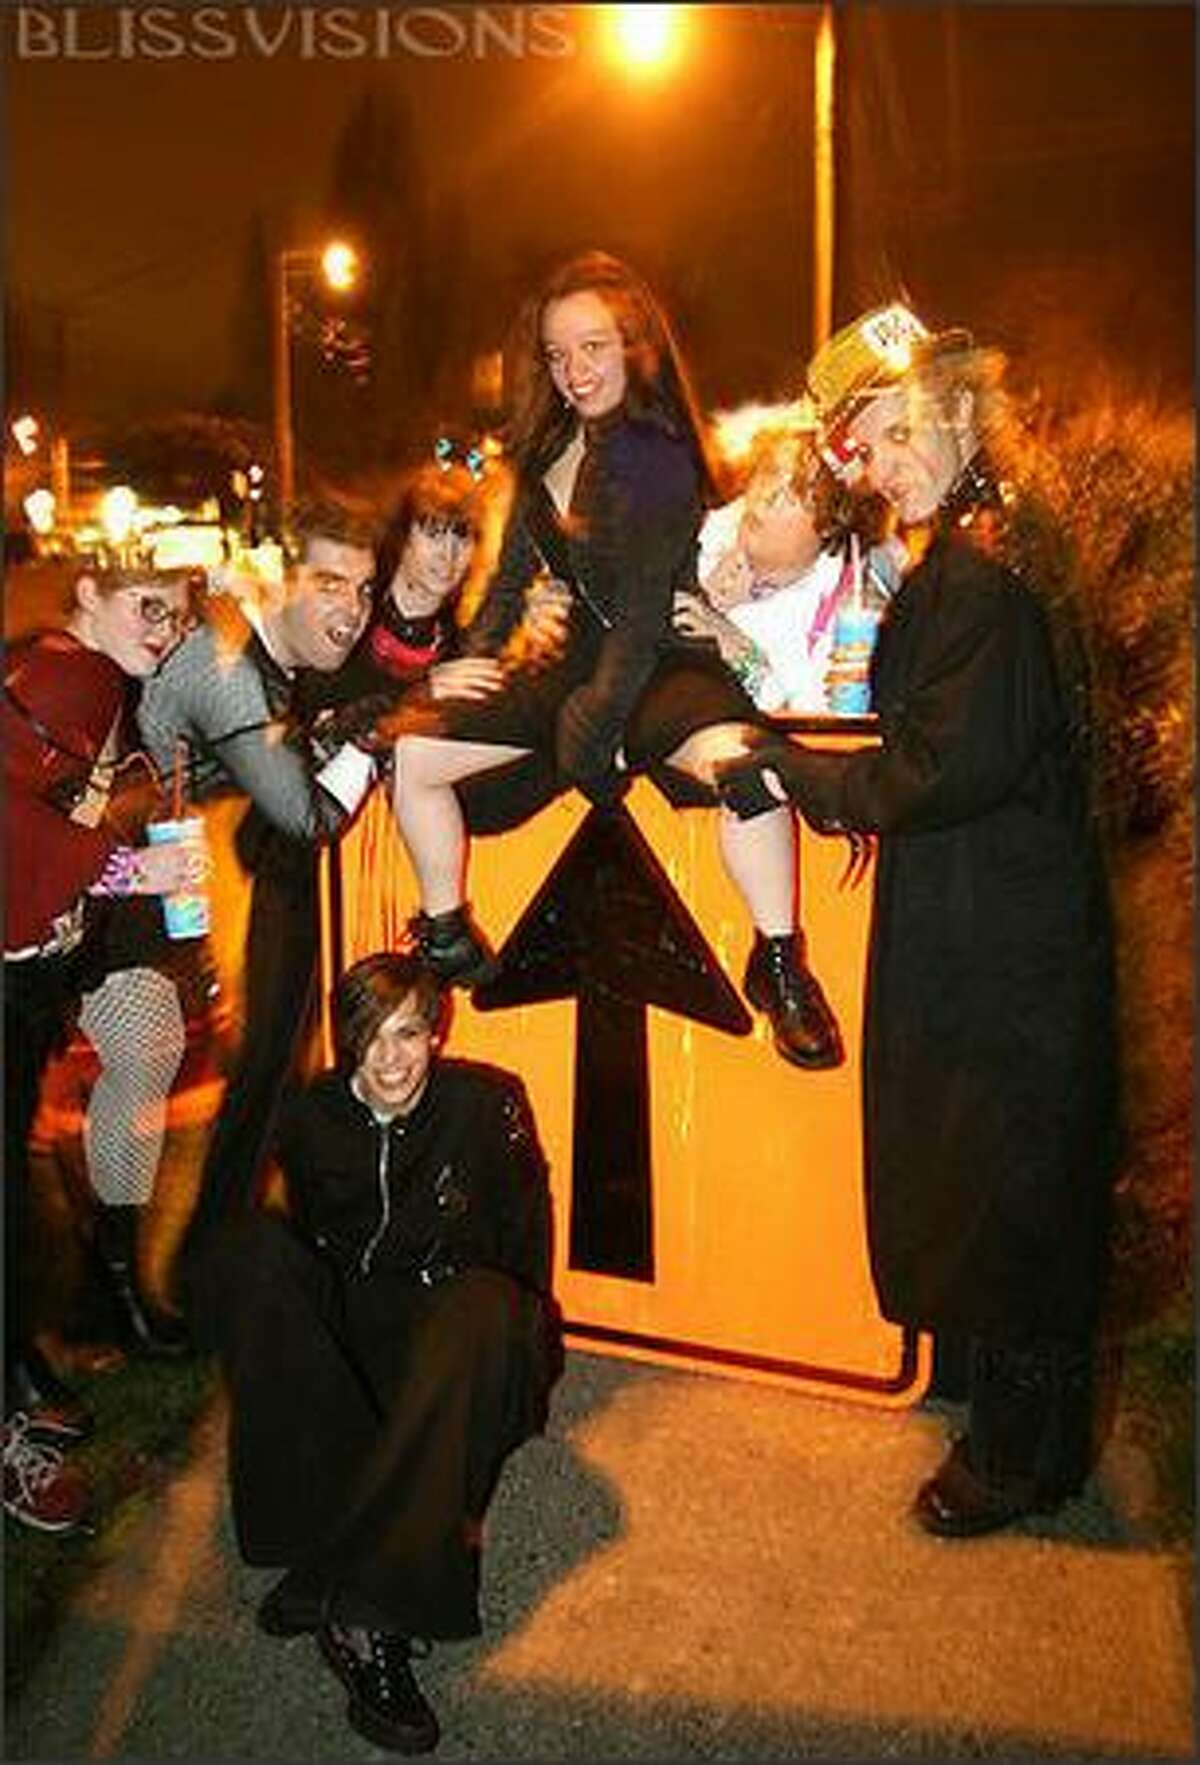 Local raver Onixx, center, with her friends Trixxi, Panda, Trinkit, Twiggy, White Rabbit and Loki.